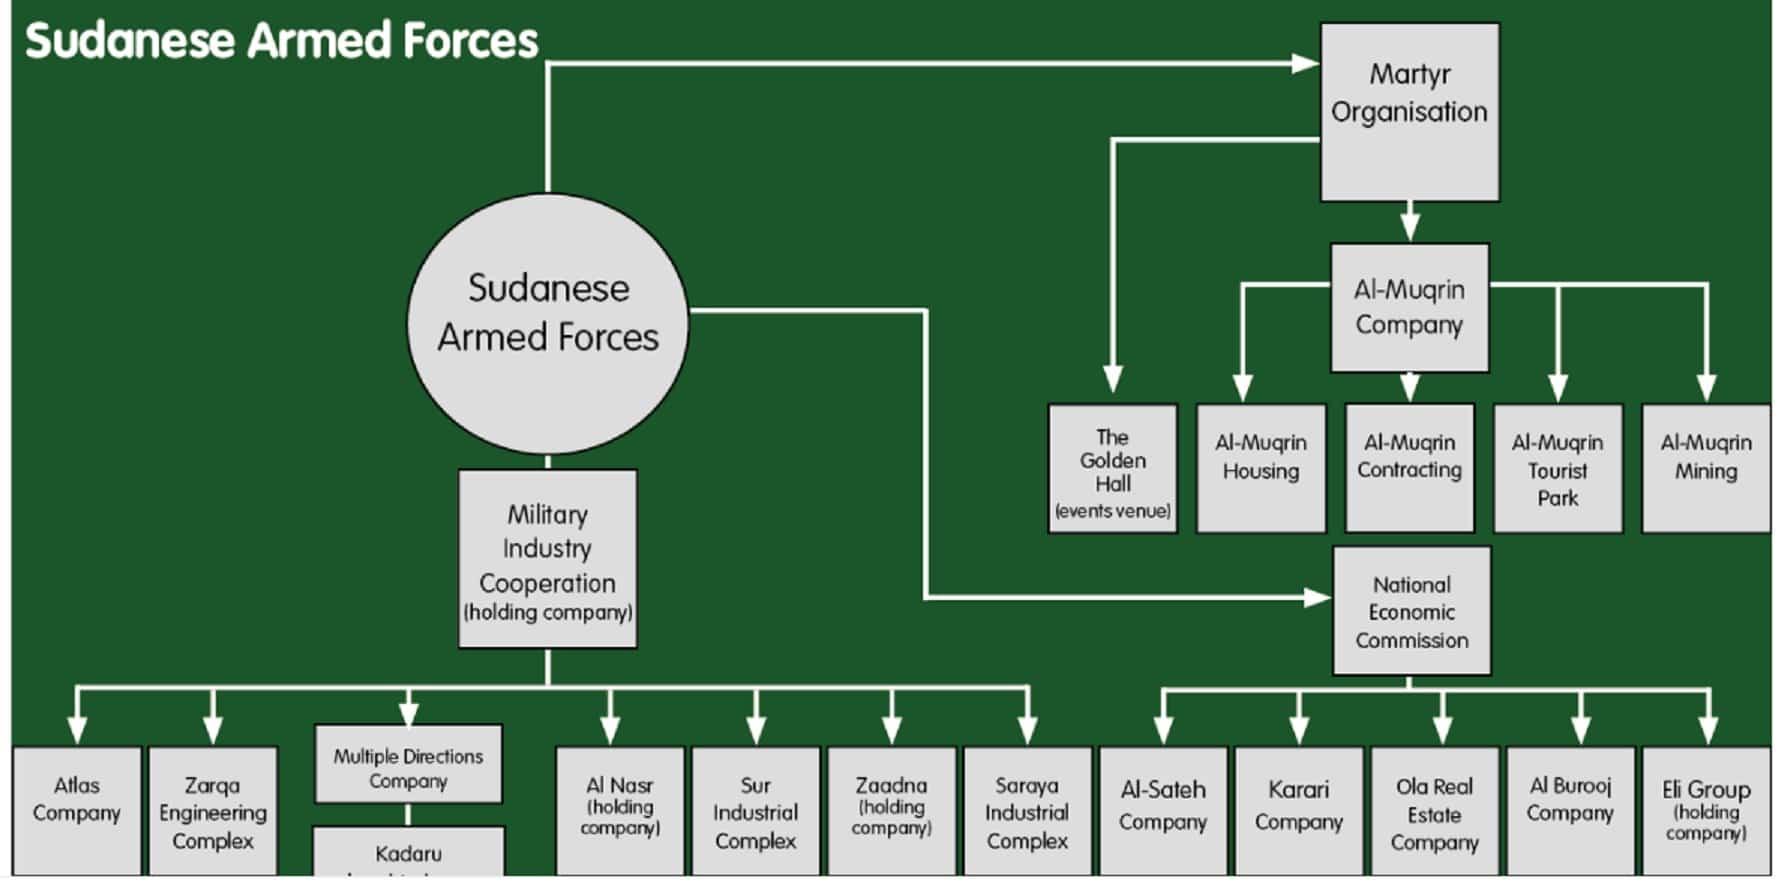 شركات الجيش السوداني